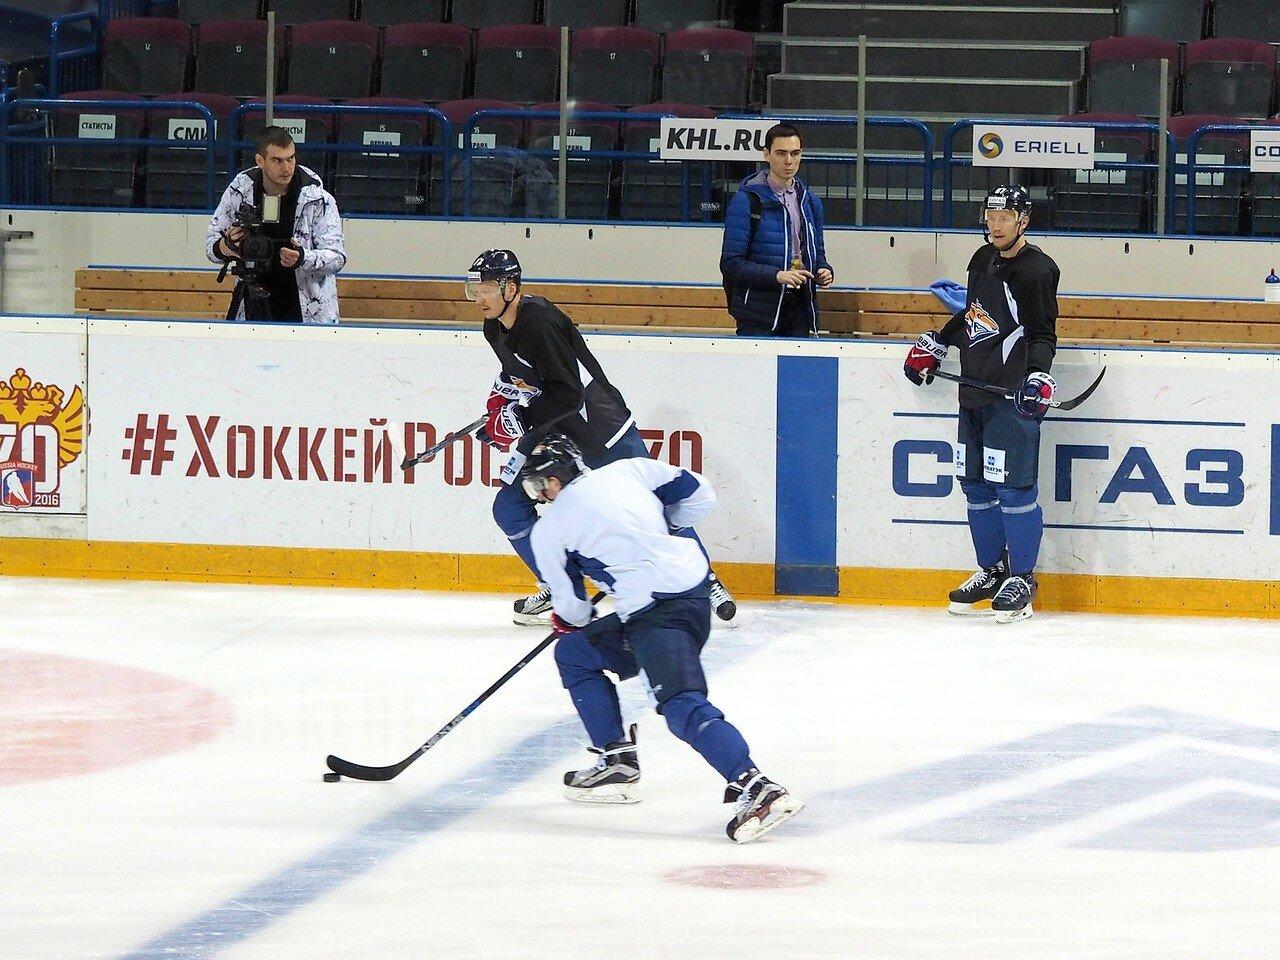 13 Открытая тренировка перед финалом плей-офф восточной конференции КХЛ 2017 22.03.2017